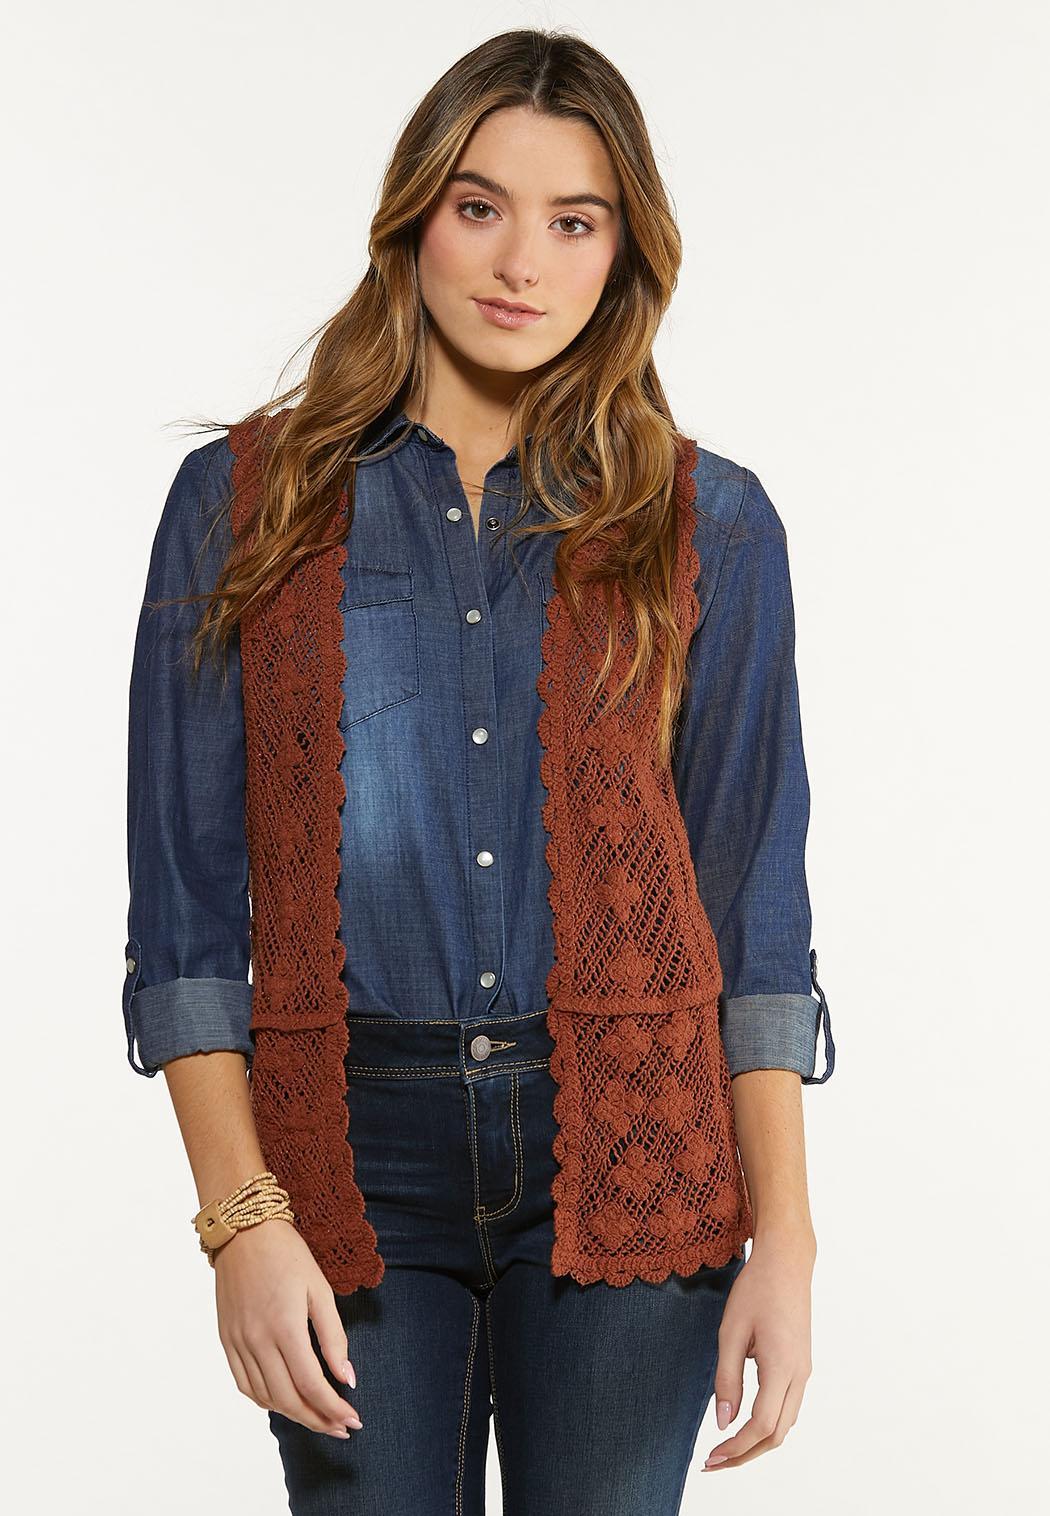 Brown Crochet Vest